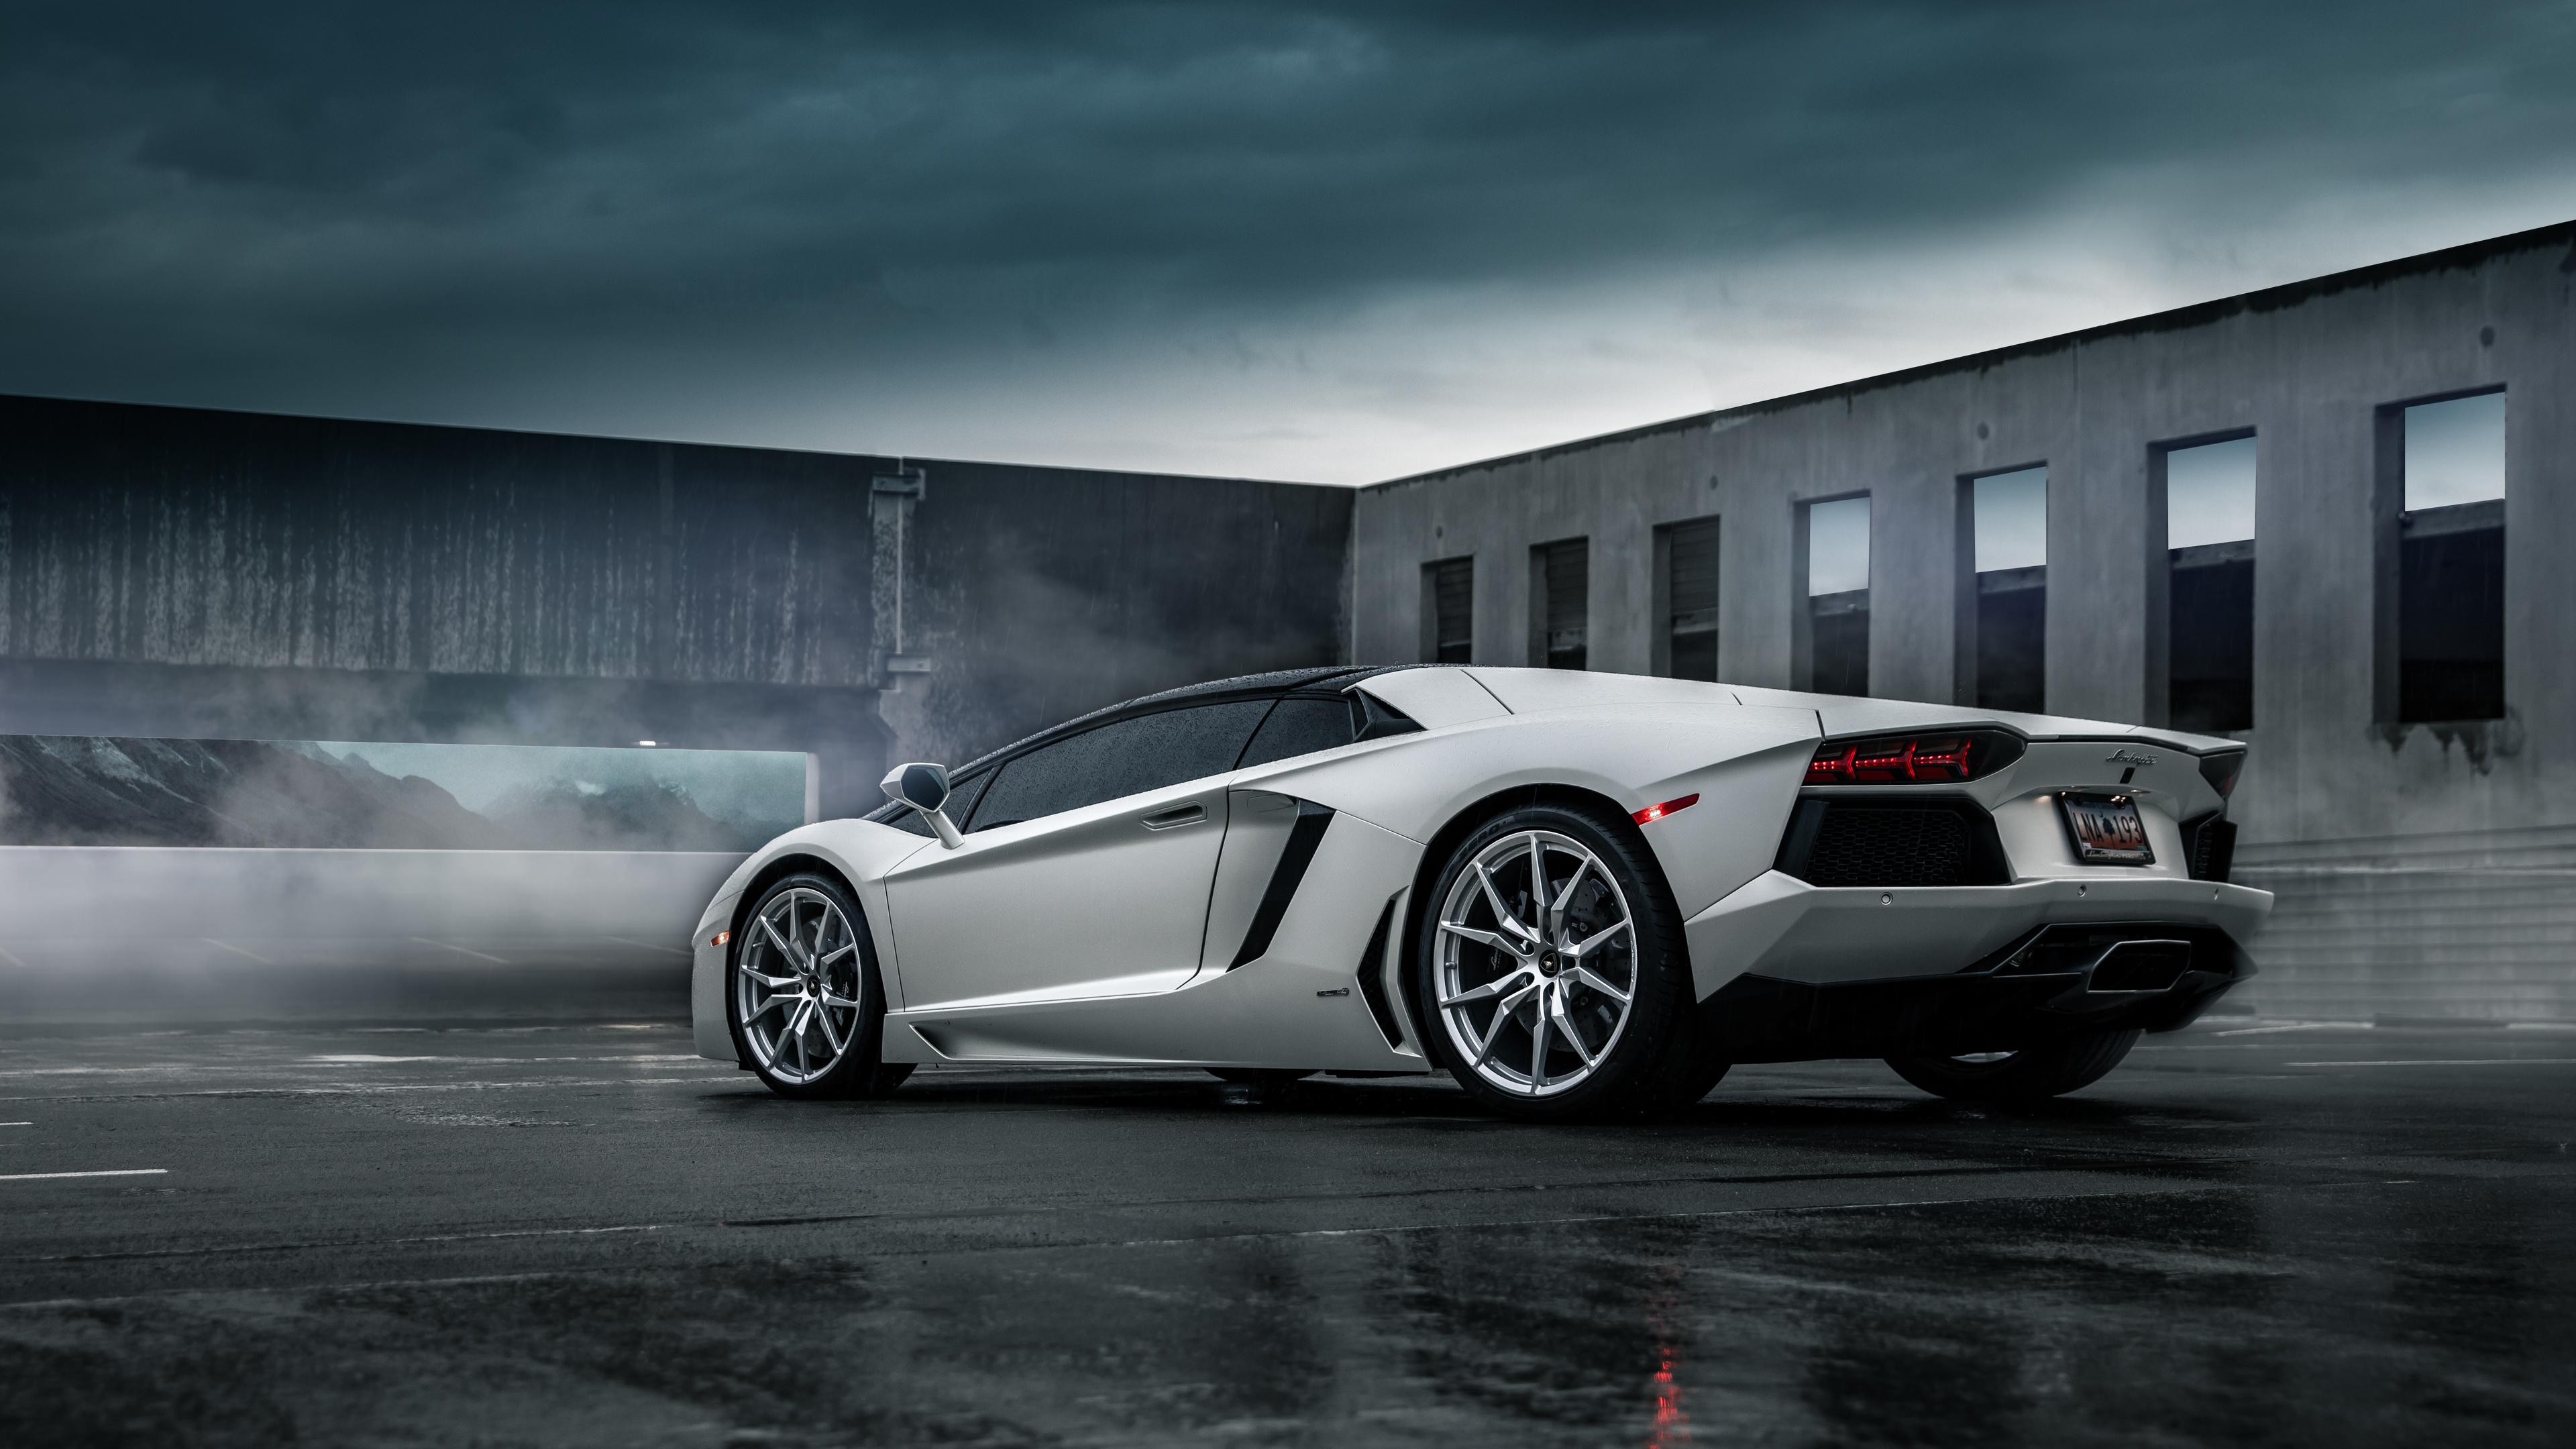 grey lamborghini aventador 2019 1565054960 - Grey Lamborghini Aventador 2019 - lamborghini wallpapers, lamborghini aventador wallpapers, hd-wallpapers, cars wallpapers, 5k wallpapers, 4k-wallpapers